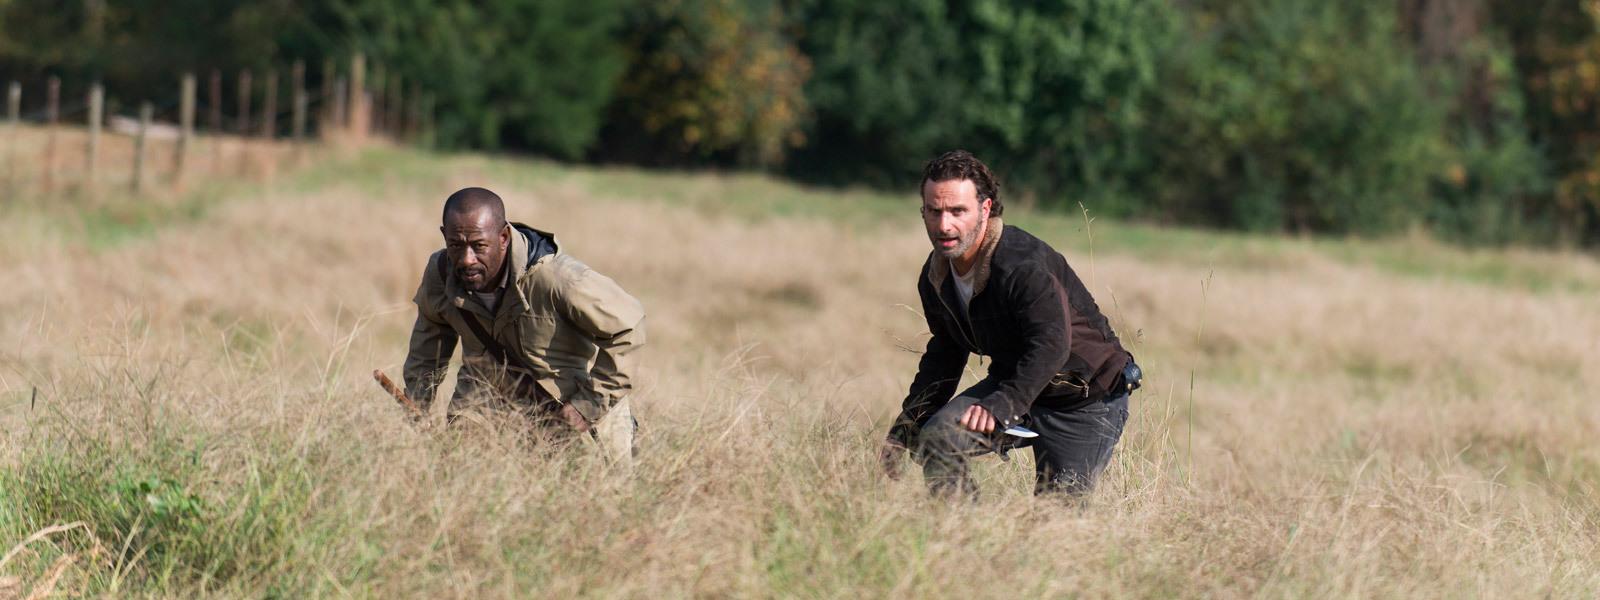 Morgan och Rick på utflykt.